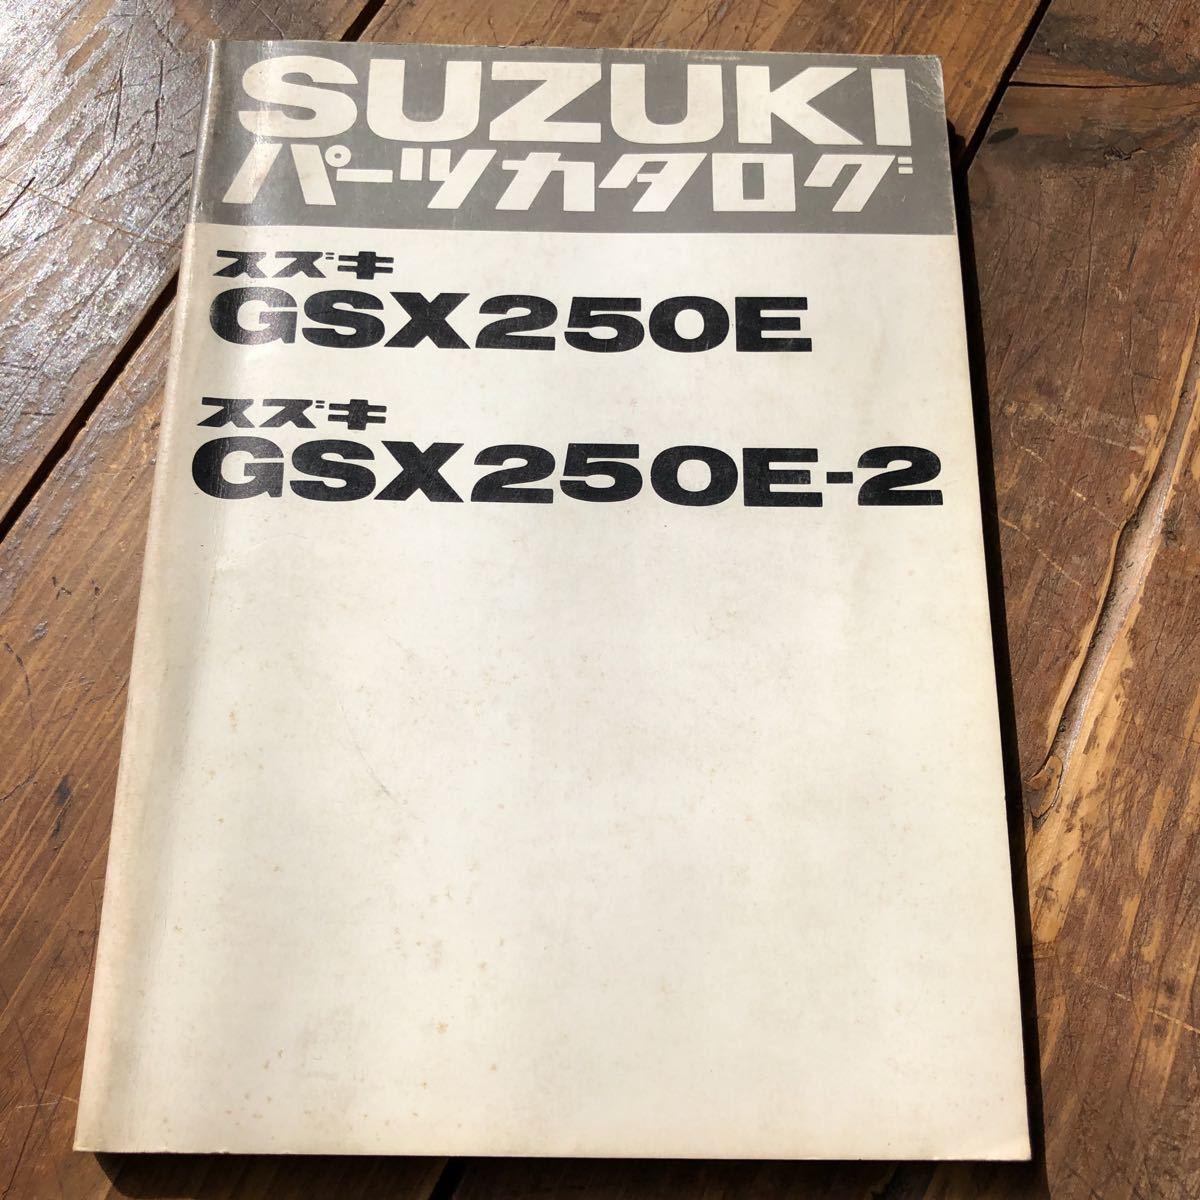 スズキ SUZUKI 当時物 パーツカタログ GSX250E-2 旧車 昭和56年_画像1